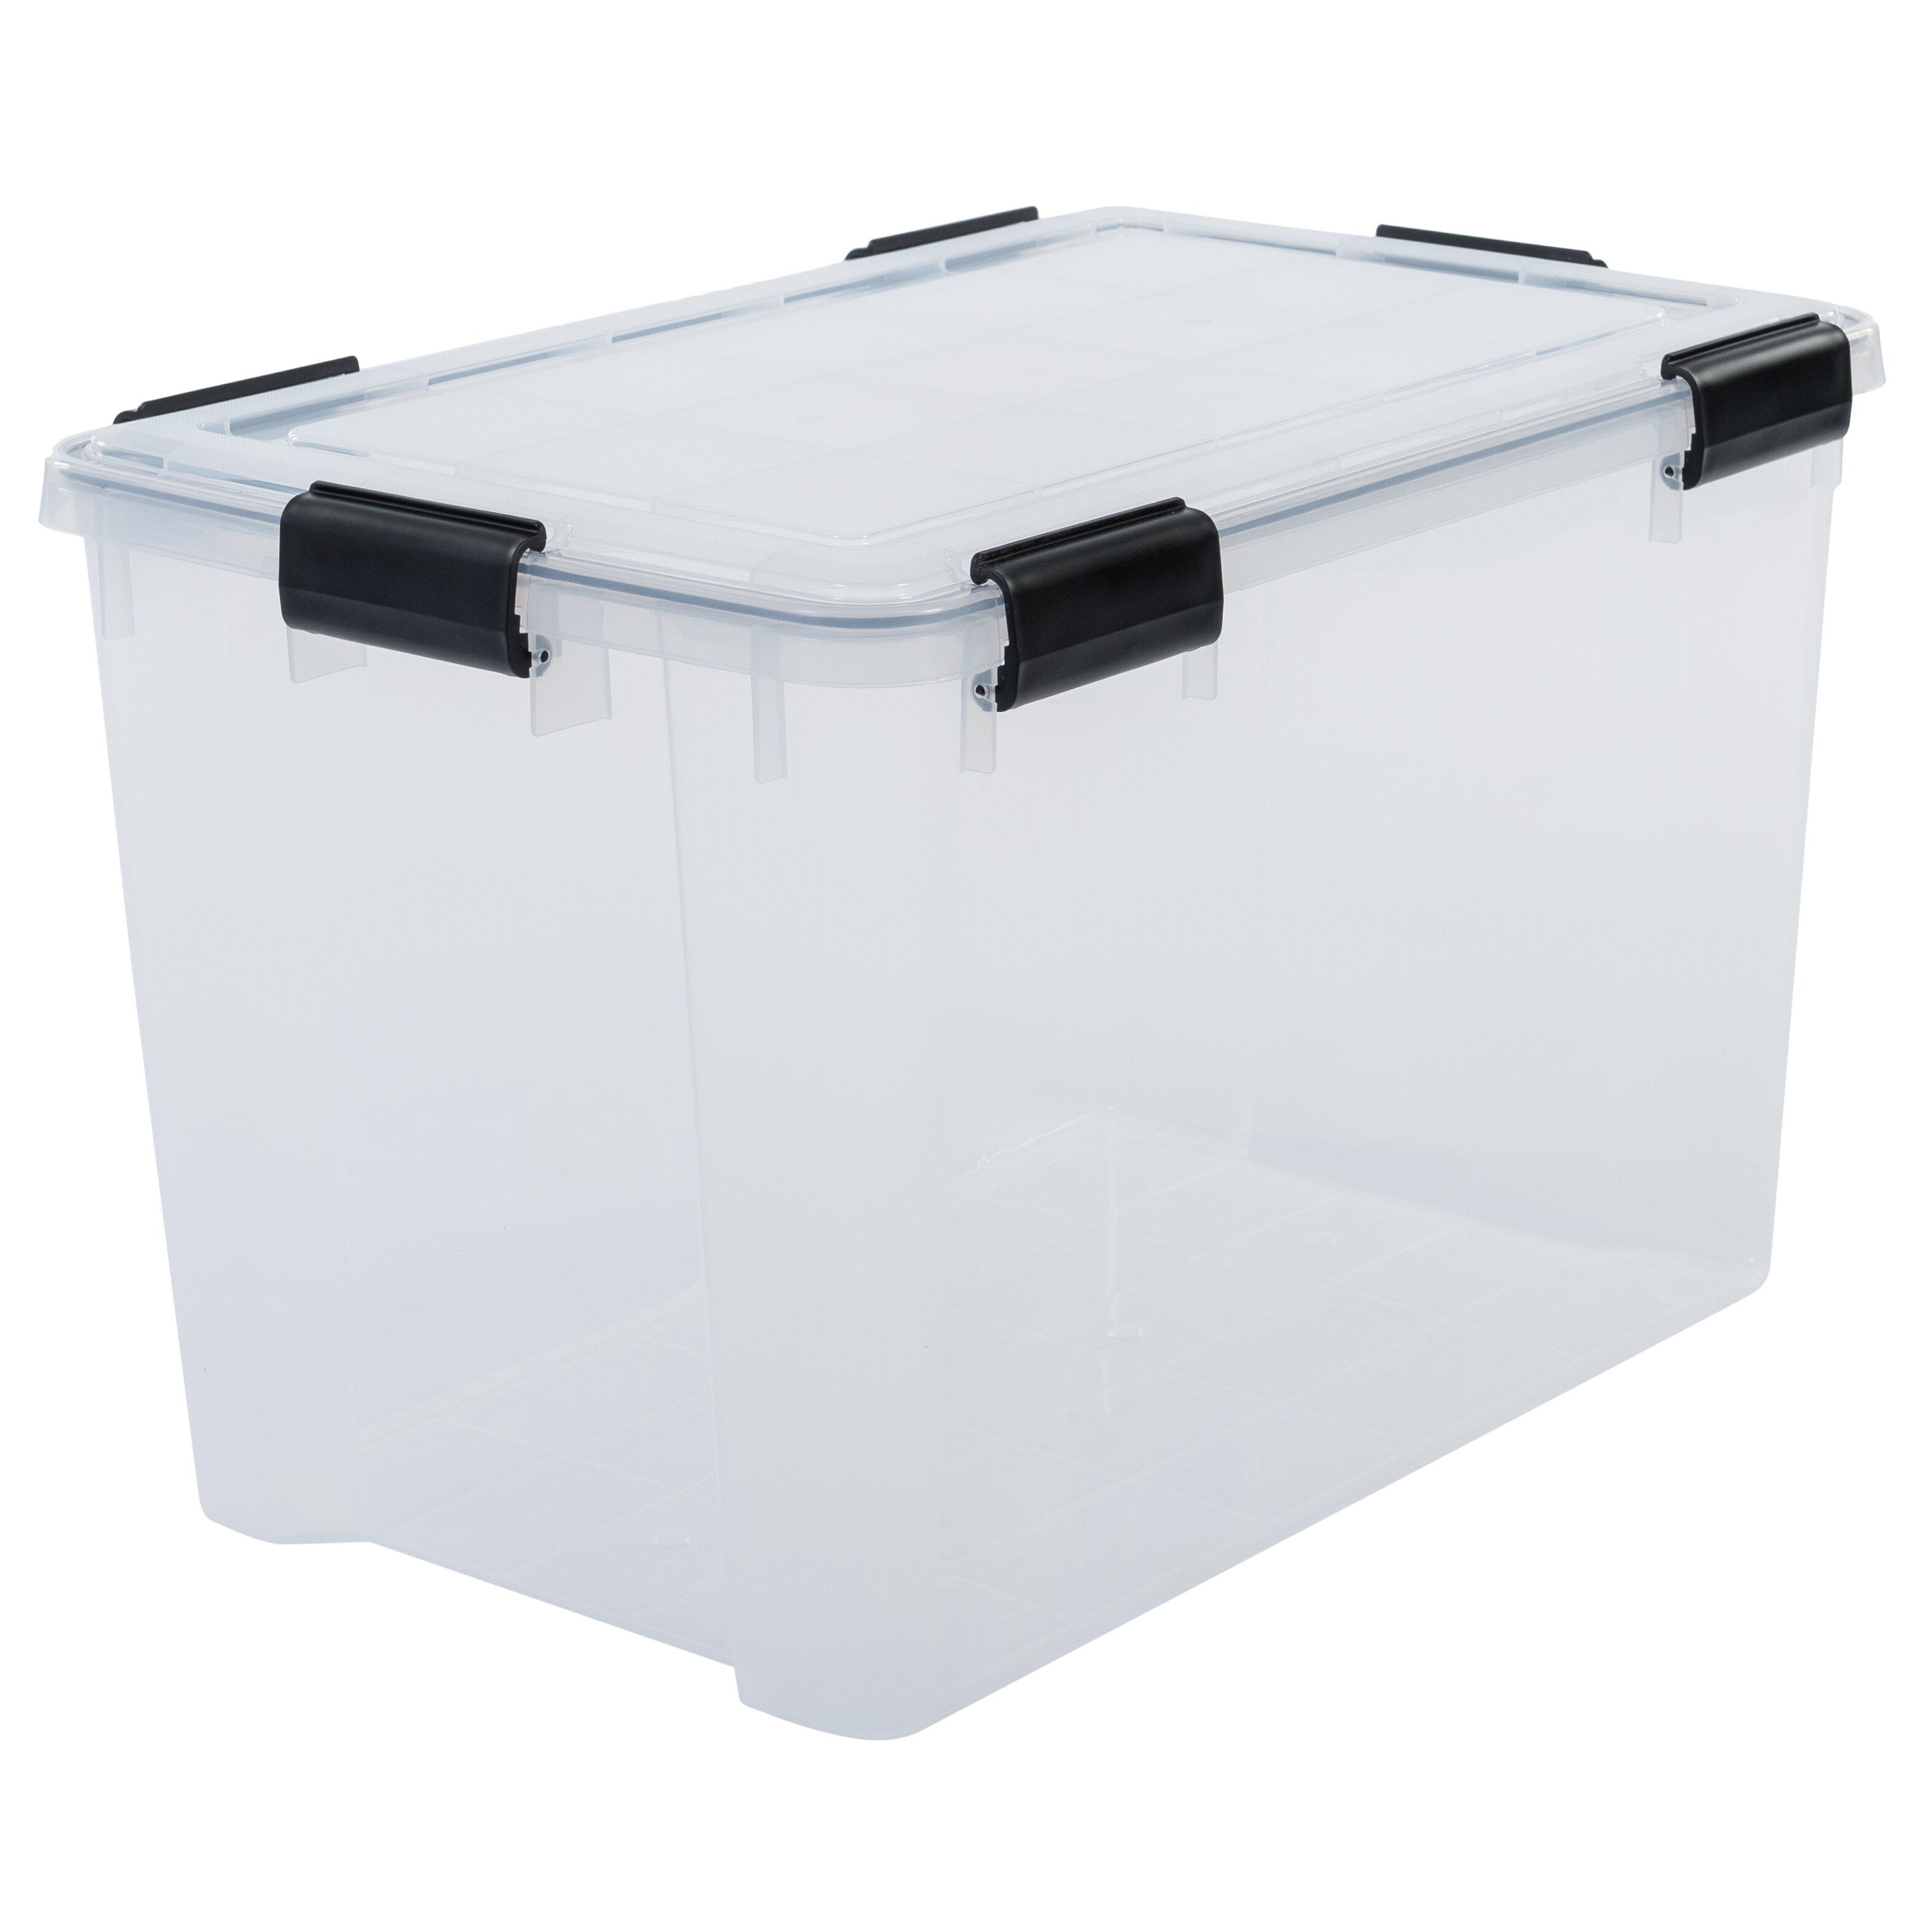 Extrem IRIS Aufbewahrungsbox Air Tight aus Kunststoff & Bewertungen ER97